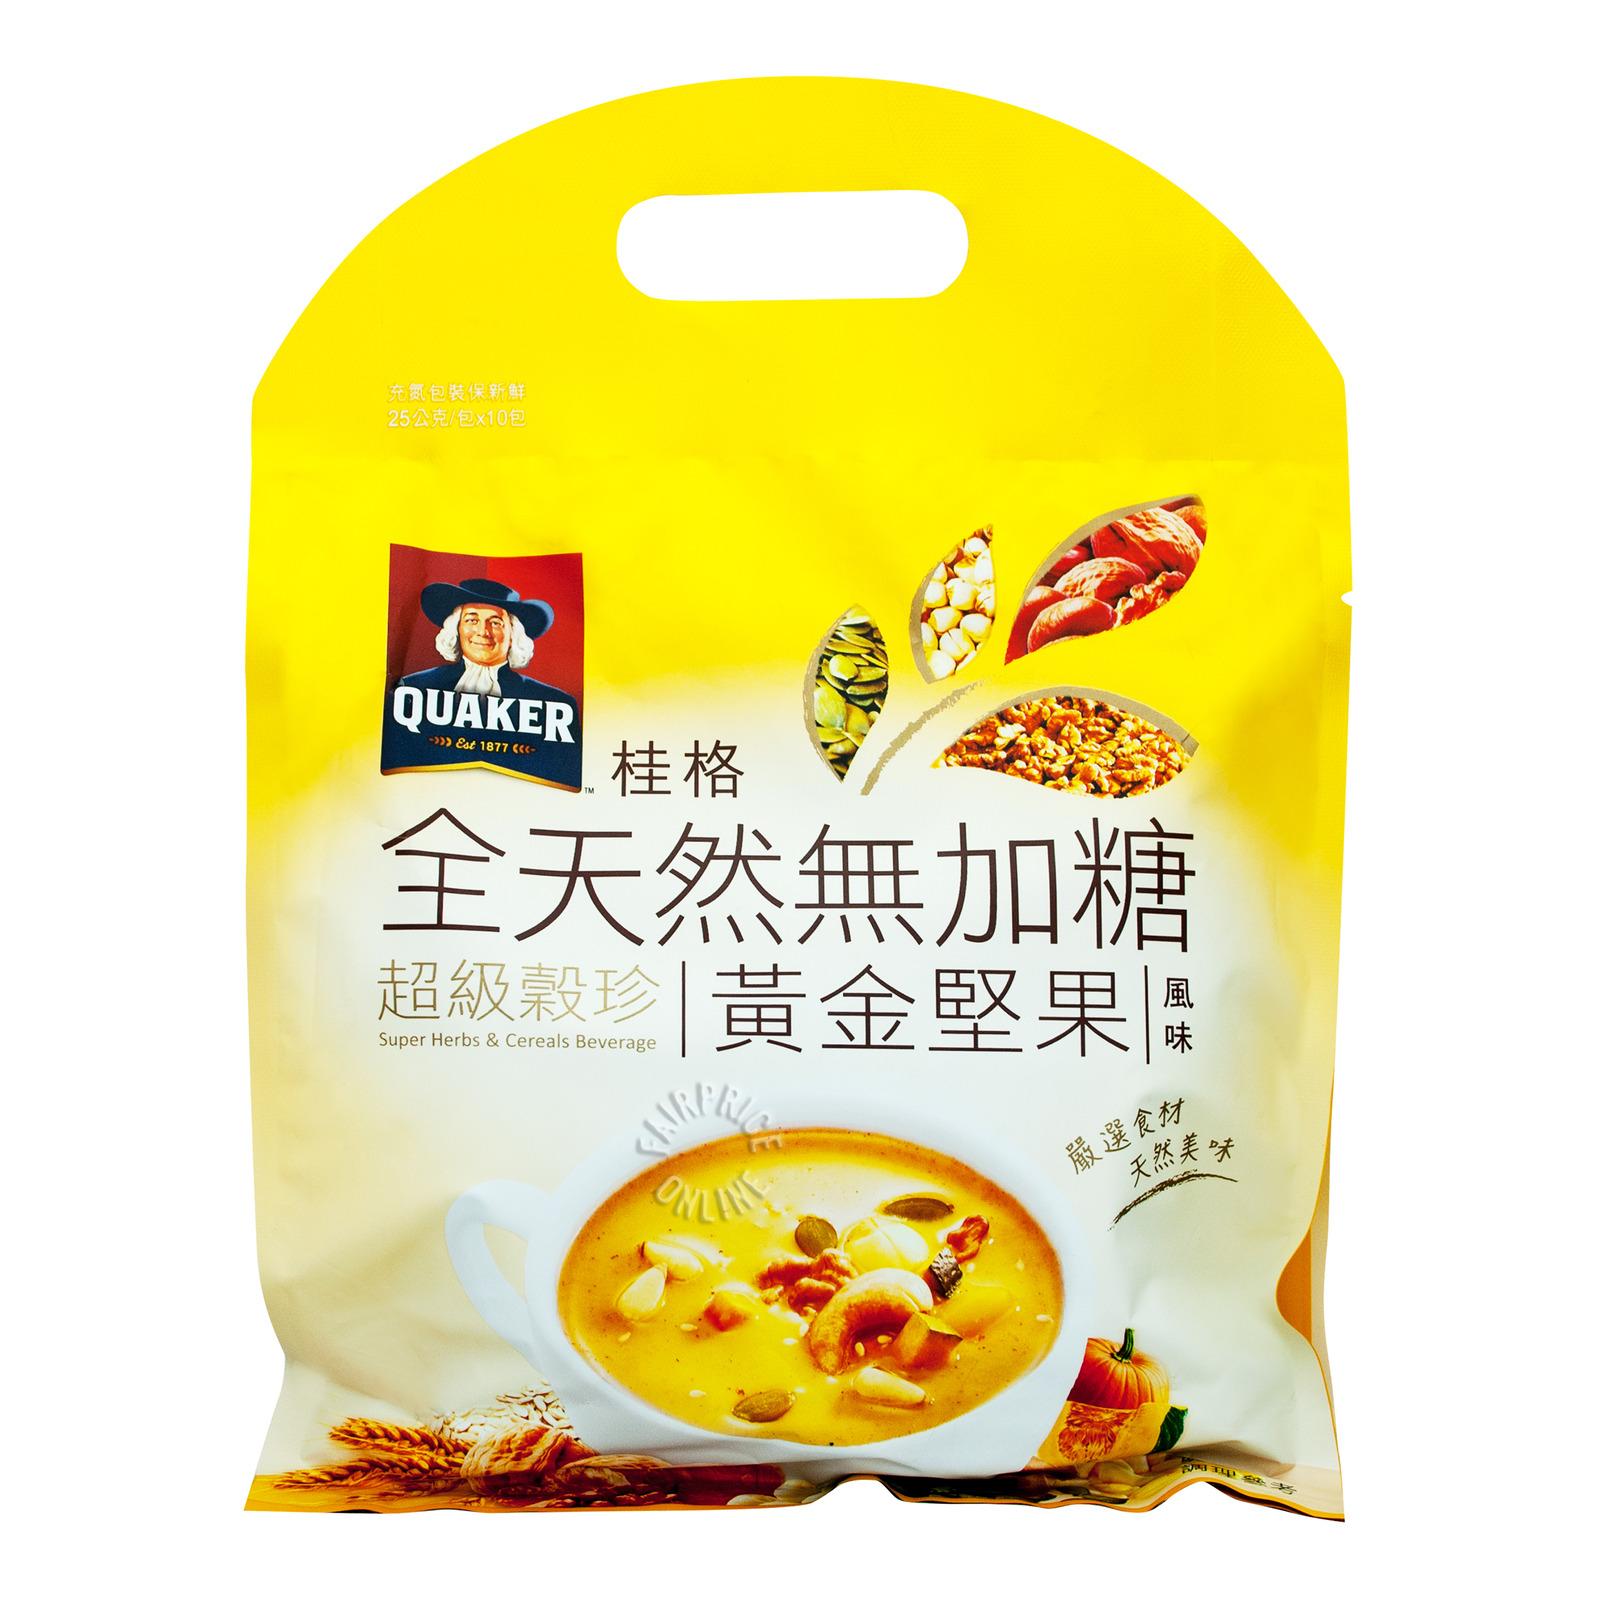 Quaker Super Herbs & Cereals Beverage - Nuts